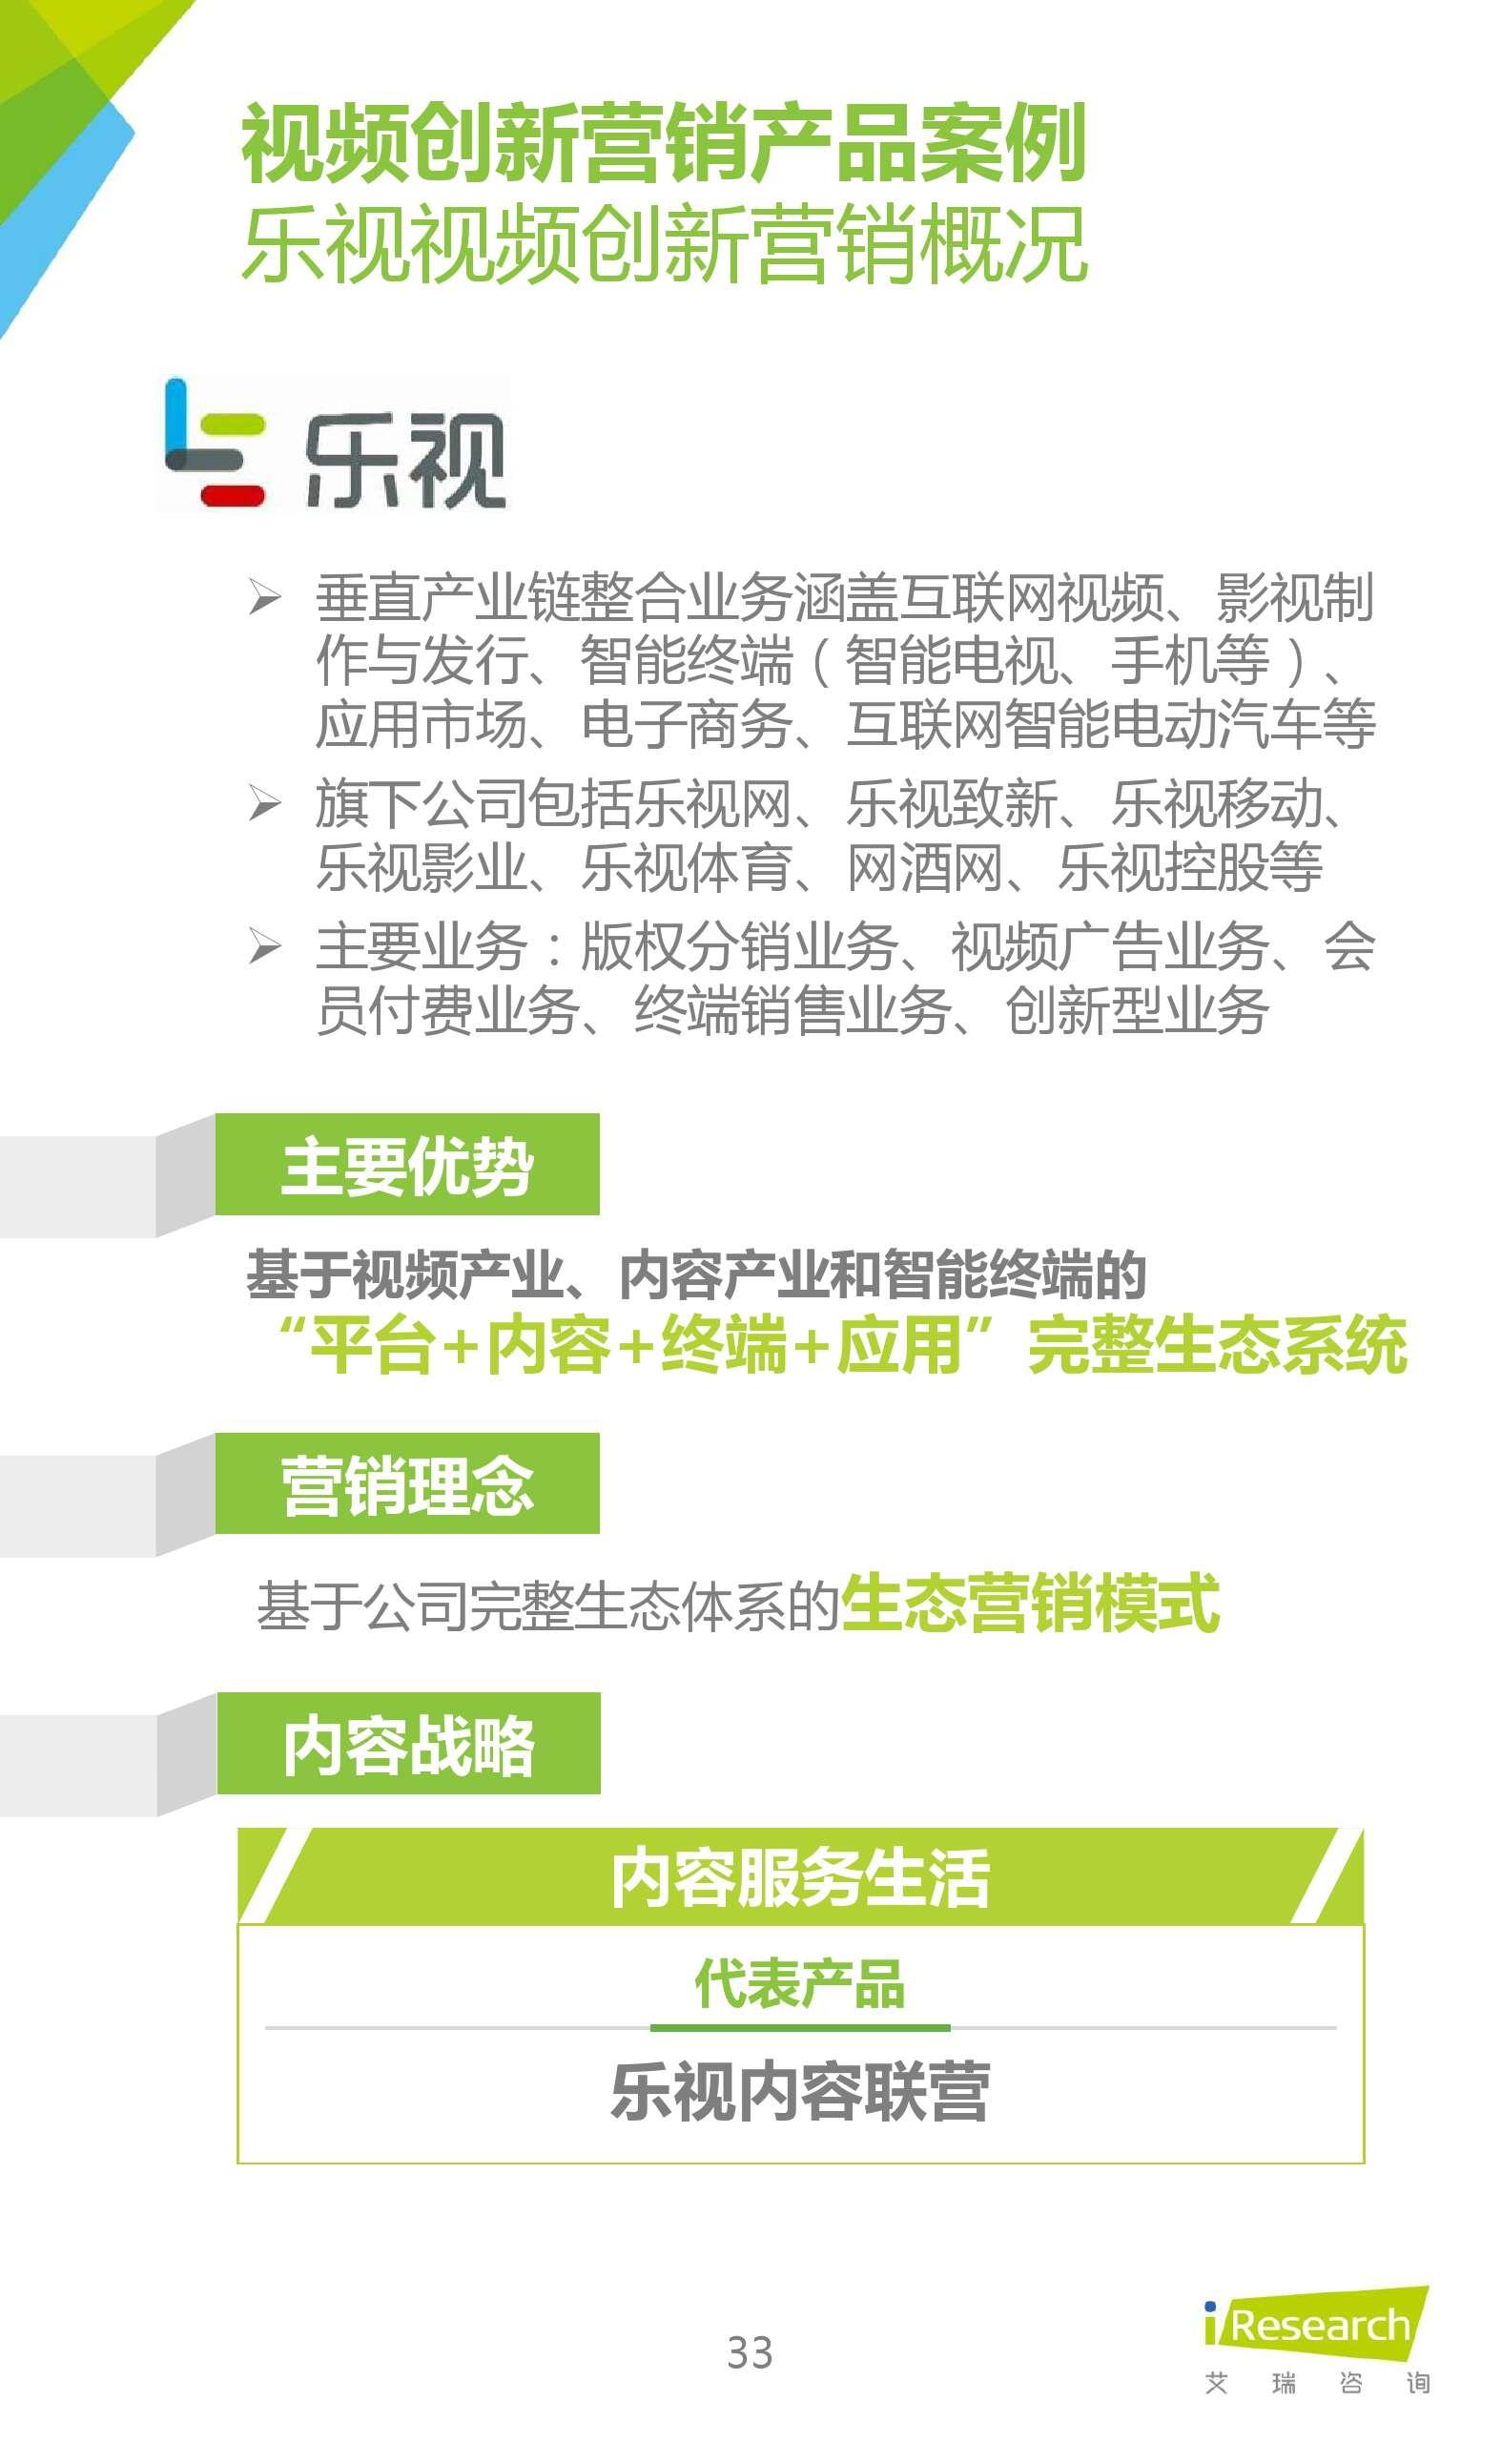 2016年中国在线视频企业创新营销研究_000033